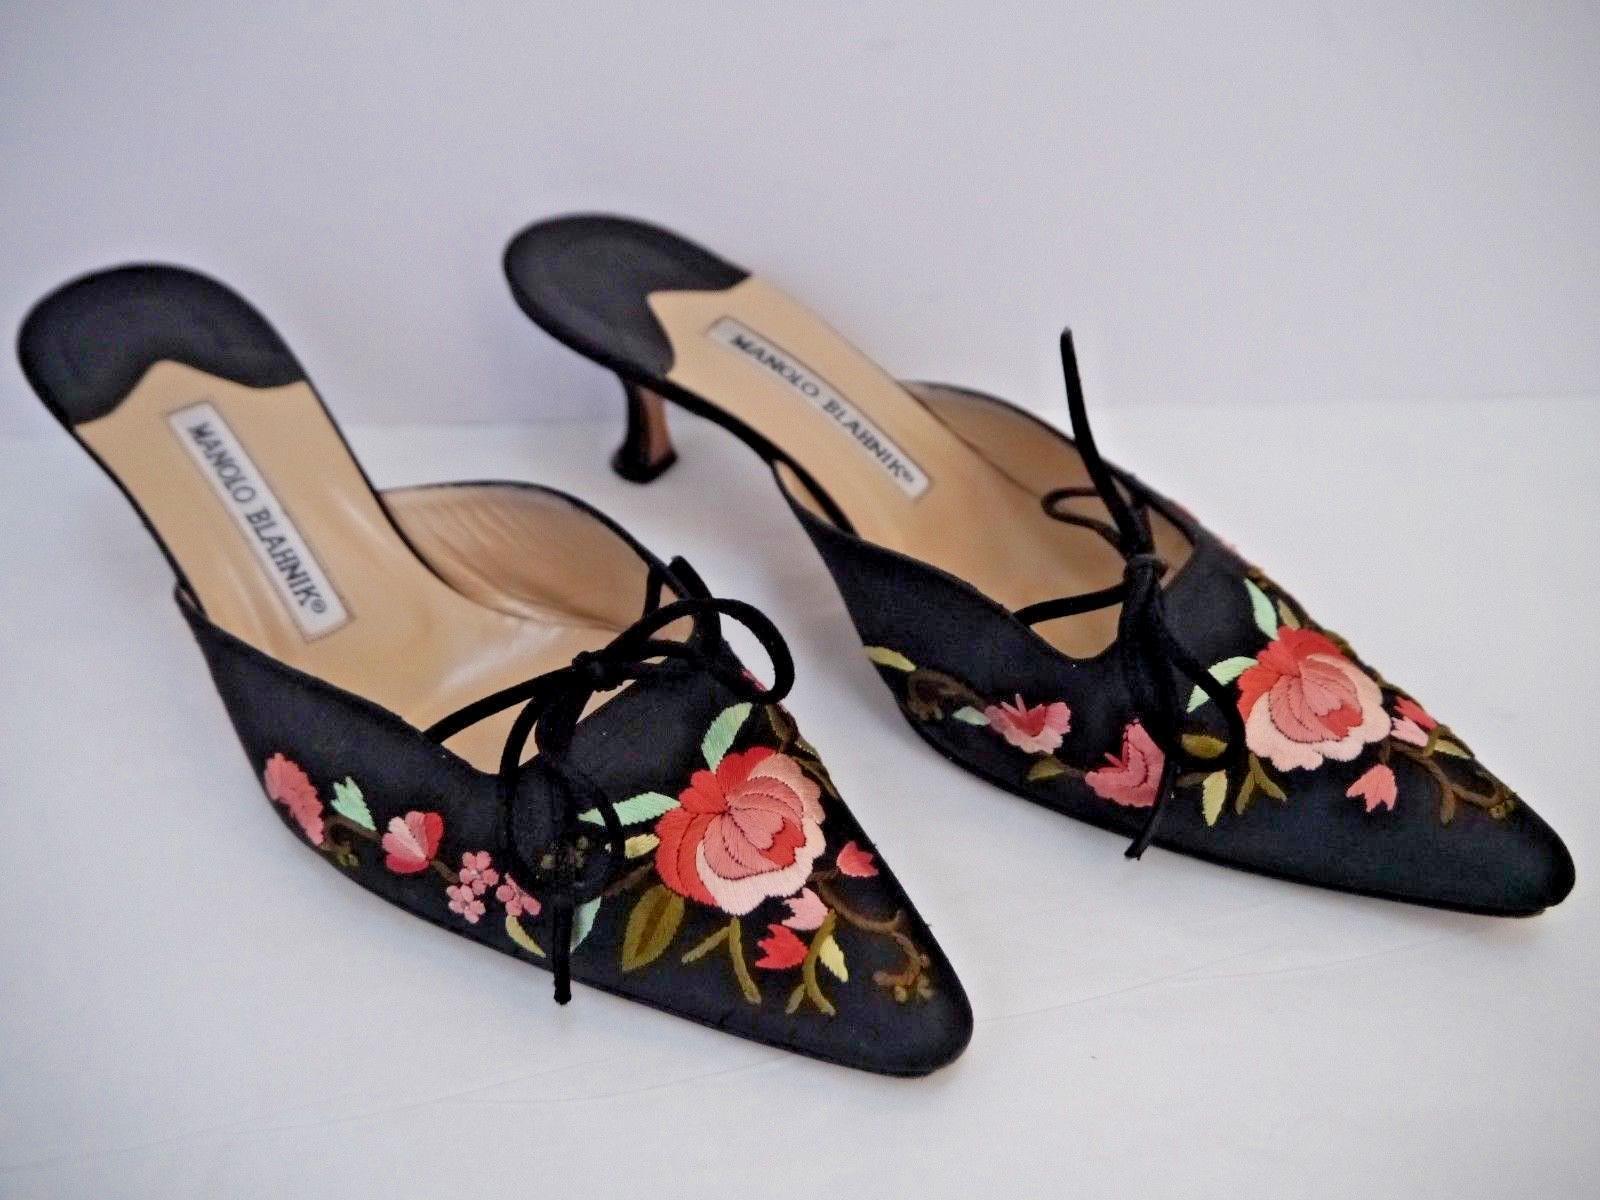 omaggi allo stadio MANOLO BLAHNIK nero floral embroidered silk silk silk mules kitten heels Italian 38.5  acquista la qualità autentica al 100%